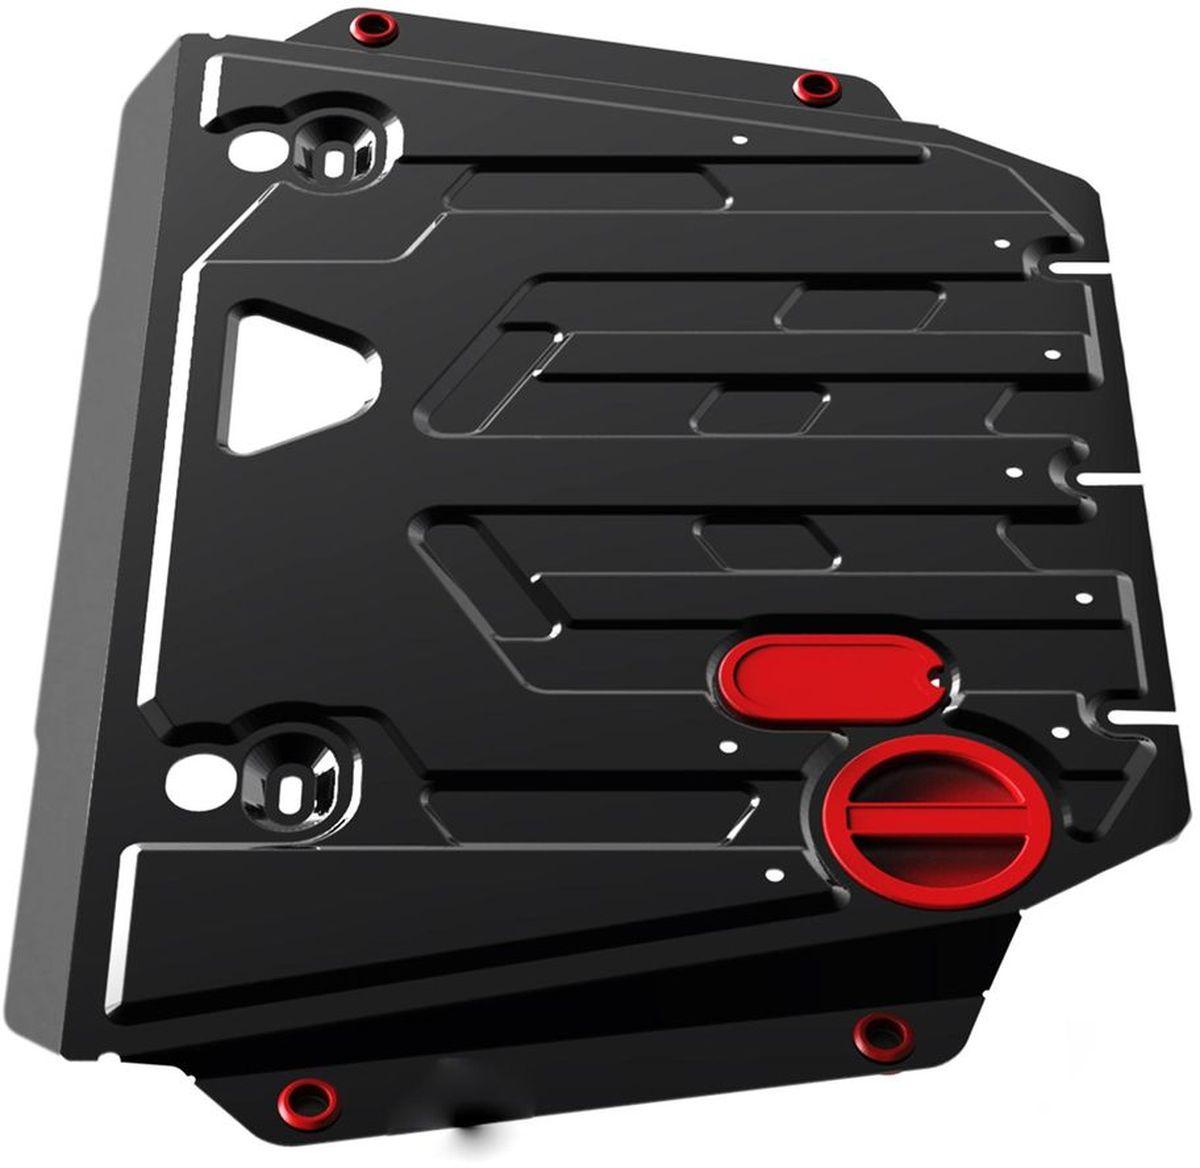 Защита картера и КПП Автоброня, для Chevrolet Rezzo, V - 1,6 (2004-2010-)1004900000360Технологически совершенный продукт за невысокую стоимость.Защита разработана с учетом особенностей днища автомобиля, что позволяет сохранить дорожный просвет с минимальным изменением.Защита устанавливается в штатные места кузова автомобиля. Глубокий штамп обеспечивает до двух раз больше жесткости в сравнении с обычной защитой той же толщины. Проштампованные ребра жесткости препятствуют деформации защиты при ударах.Тепловой зазор и вентиляционные отверстия обеспечивают сохранение температурного режима двигателя в норме. Скрытый крепеж предотвращает срыв крепежных элементов при наезде на препятствие.Шумопоглощающие резиновые элементы обеспечивают комфортную езду без вибраций и скрежета металла, а съемные лючки для слива масла и замены фильтра - экономию средств и время.Конструкция изделия не влияет на пассивную безопасность автомобиля (при ударе защита не воздействует на деформационные зоны кузова). Со штатным крепежом. В комплекте инструкция по установке.Толщина стали: 2 мм.Уважаемые клиенты!Обращаем ваше внимание, что элемент защиты имеет форму, соответствующую модели данного автомобиля. Фото служит для визуального восприятия товара и может отличаться от фактического.